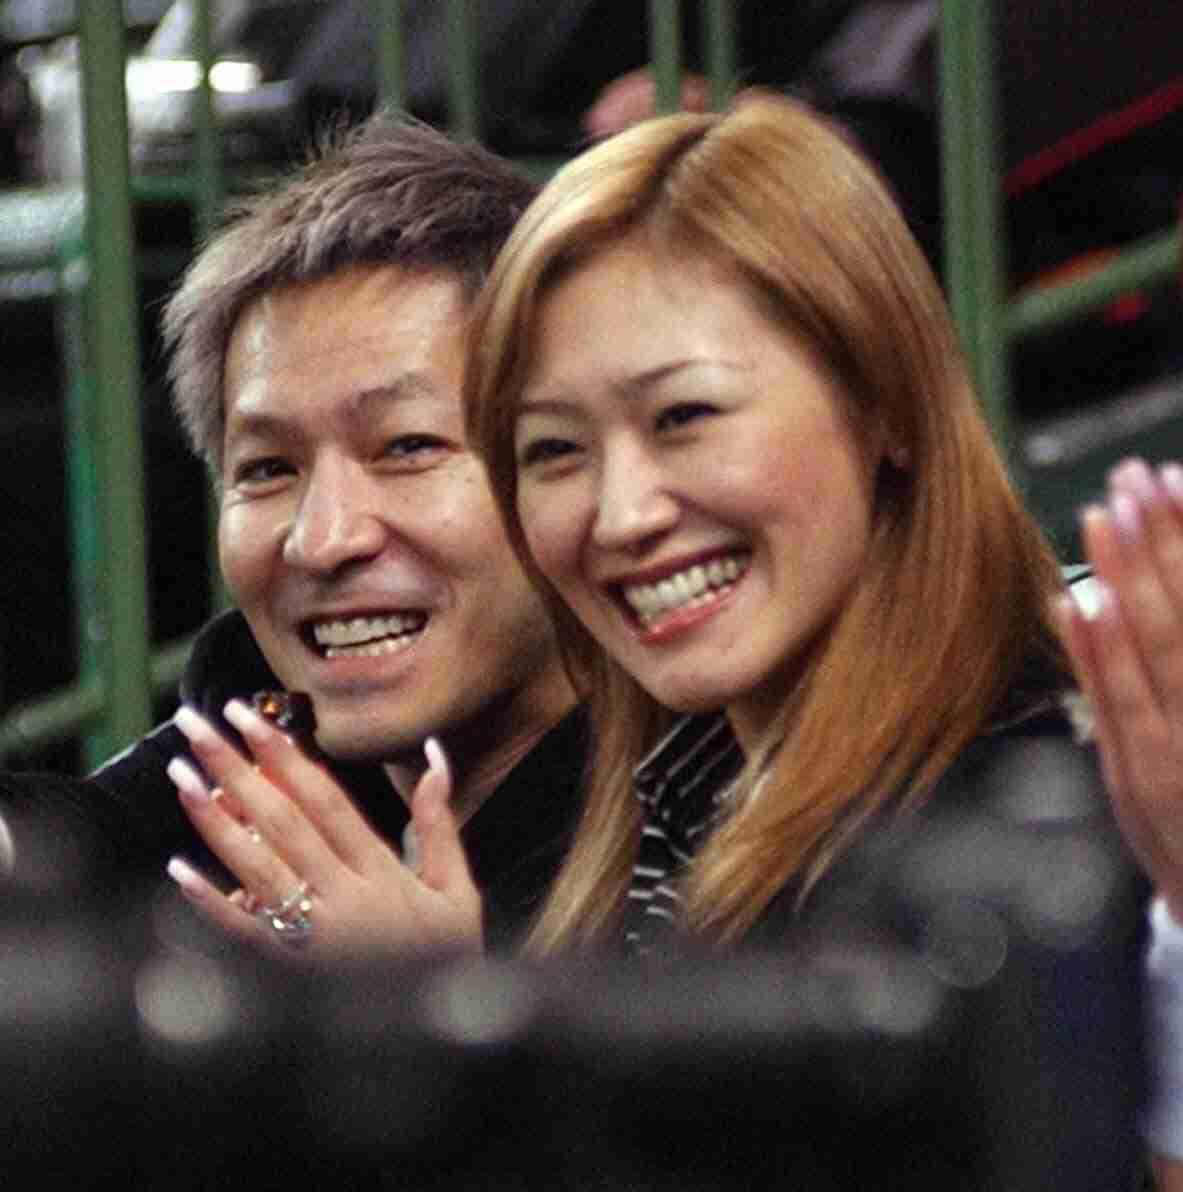 小室哲哉がglobe20周年記念曲作成へ KEIKOも復帰か (デイリースポーツ) - Yahoo!ニュース